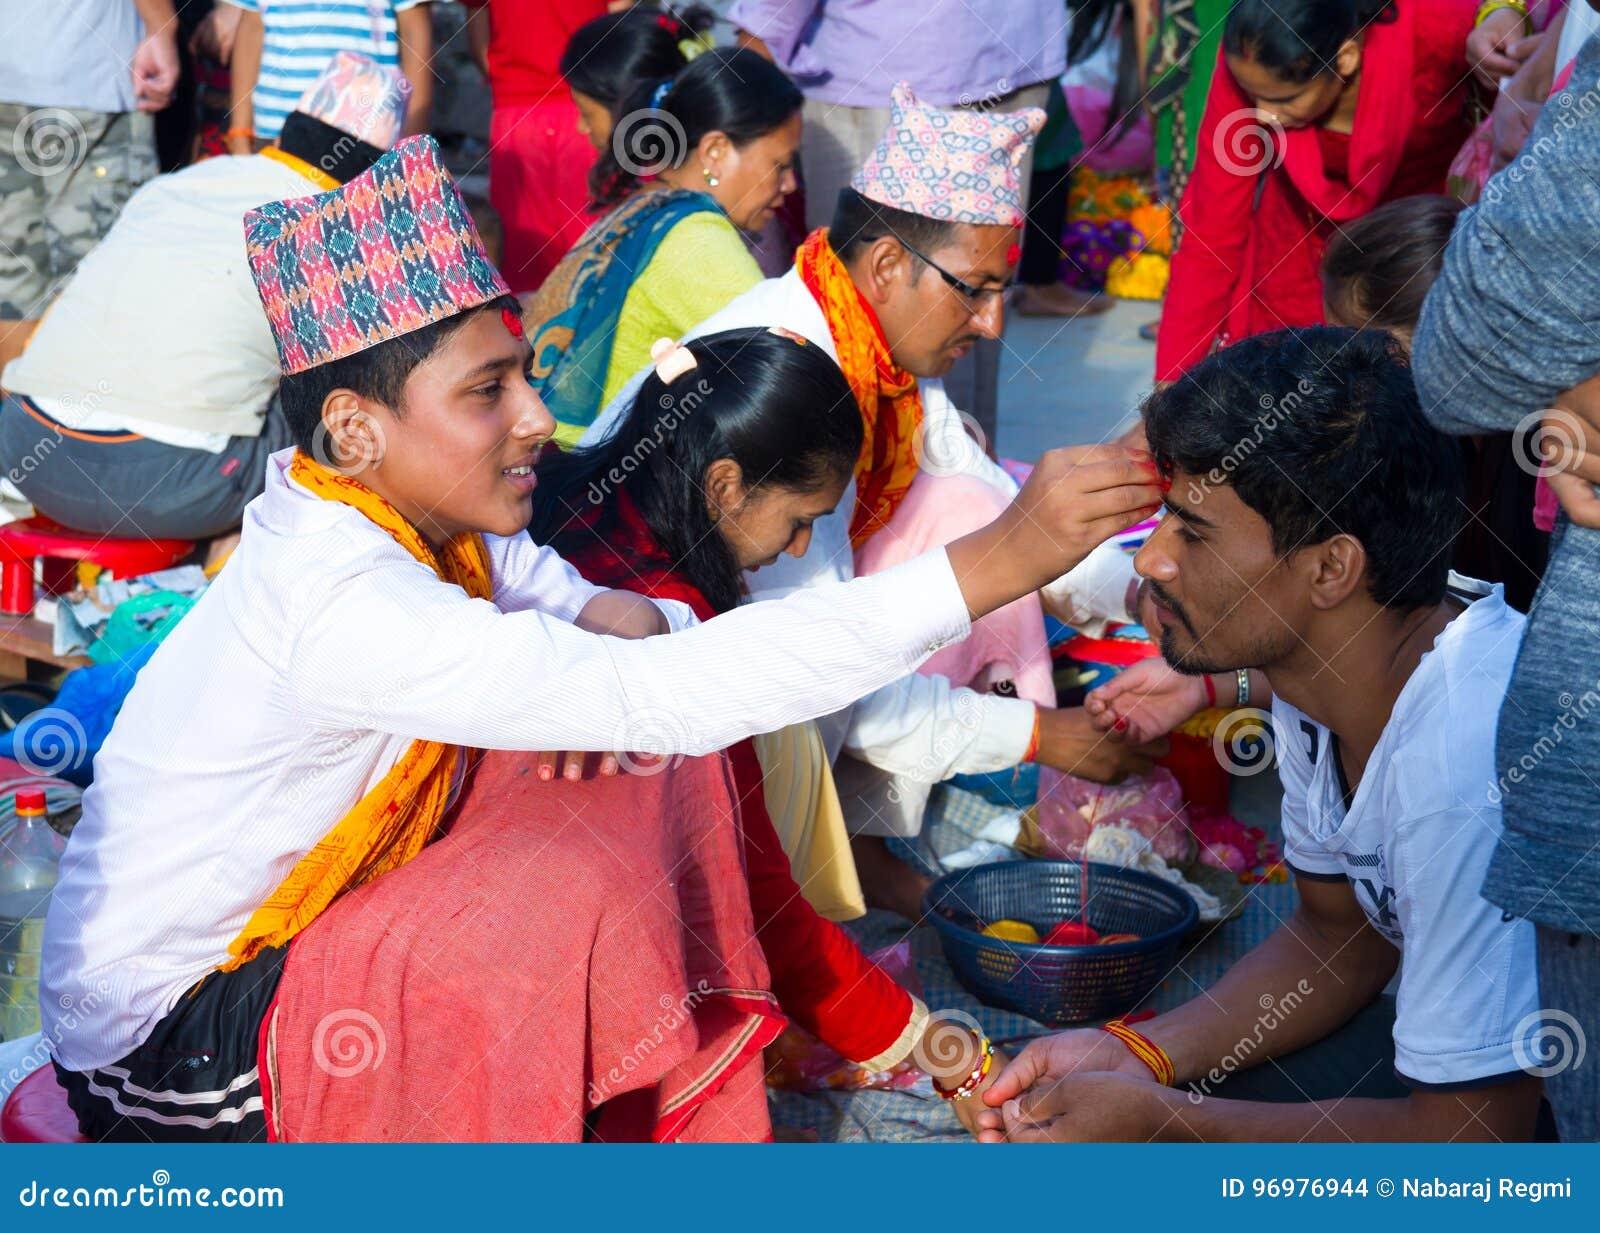 People receiving Rakshya Bandhan from the Brahmin Priests on Jan